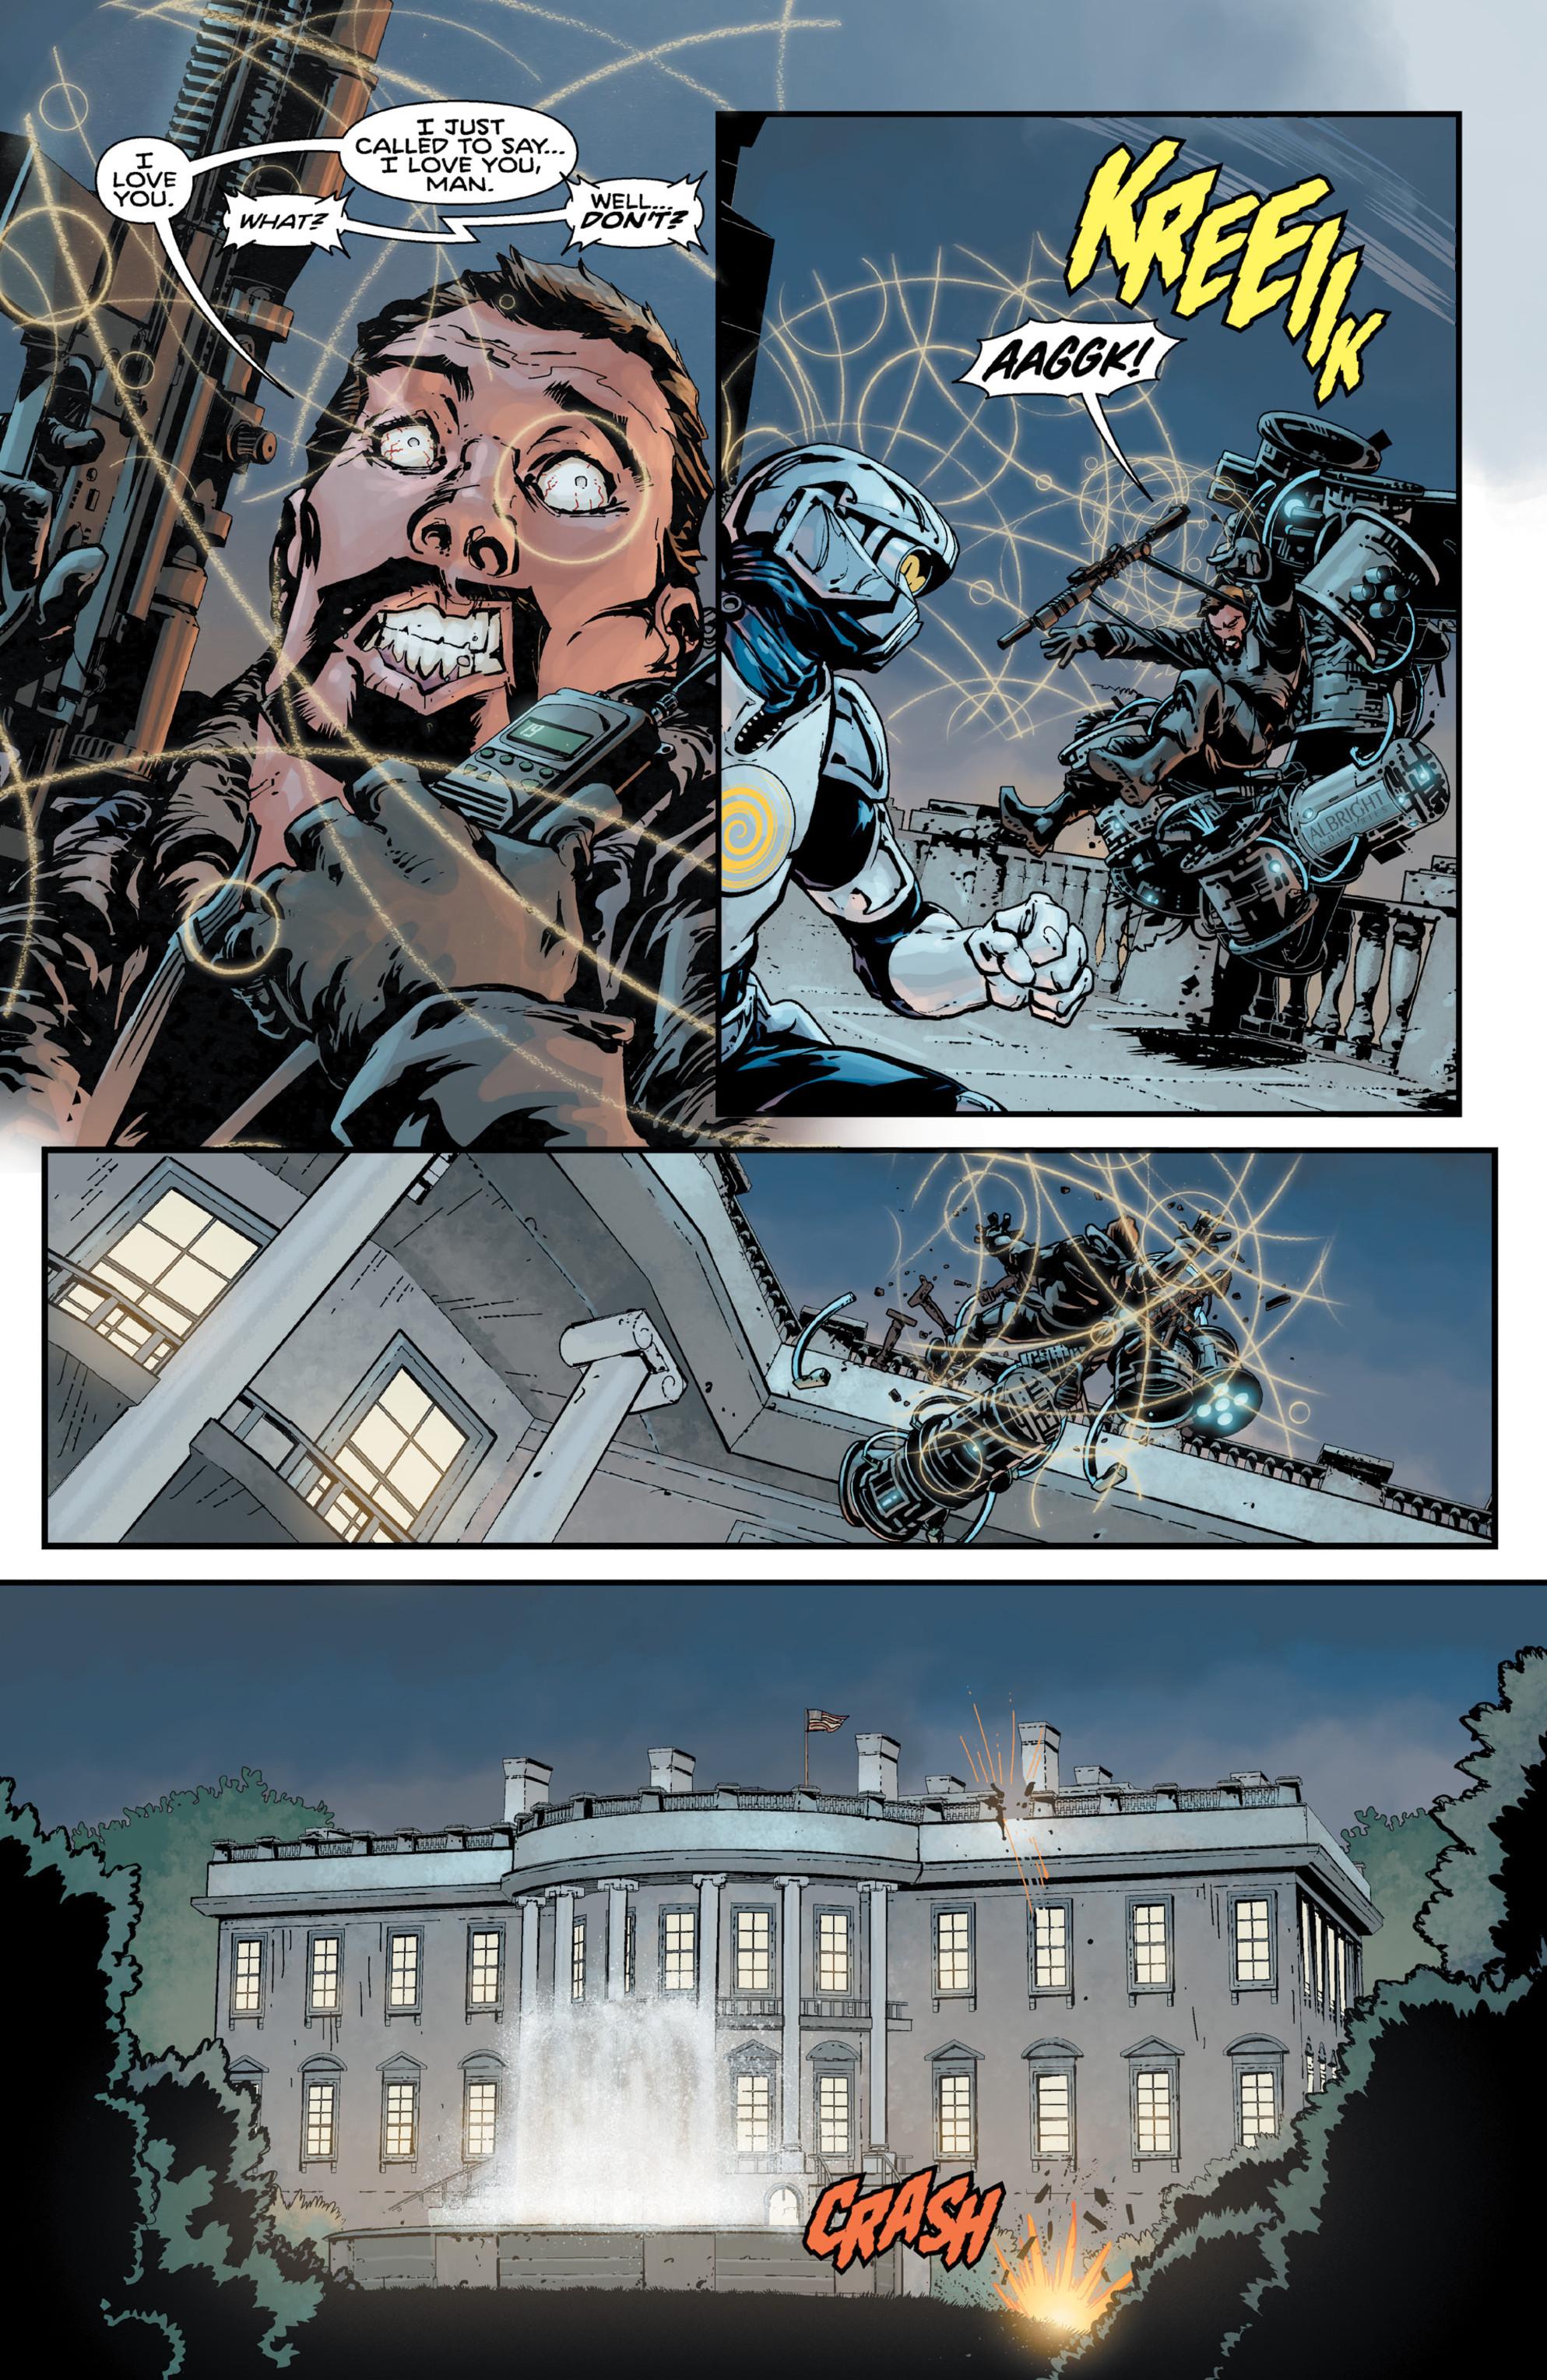 Read online Brain Boy:  The Men from G.E.S.T.A.L.T. comic -  Issue # TPB - 11